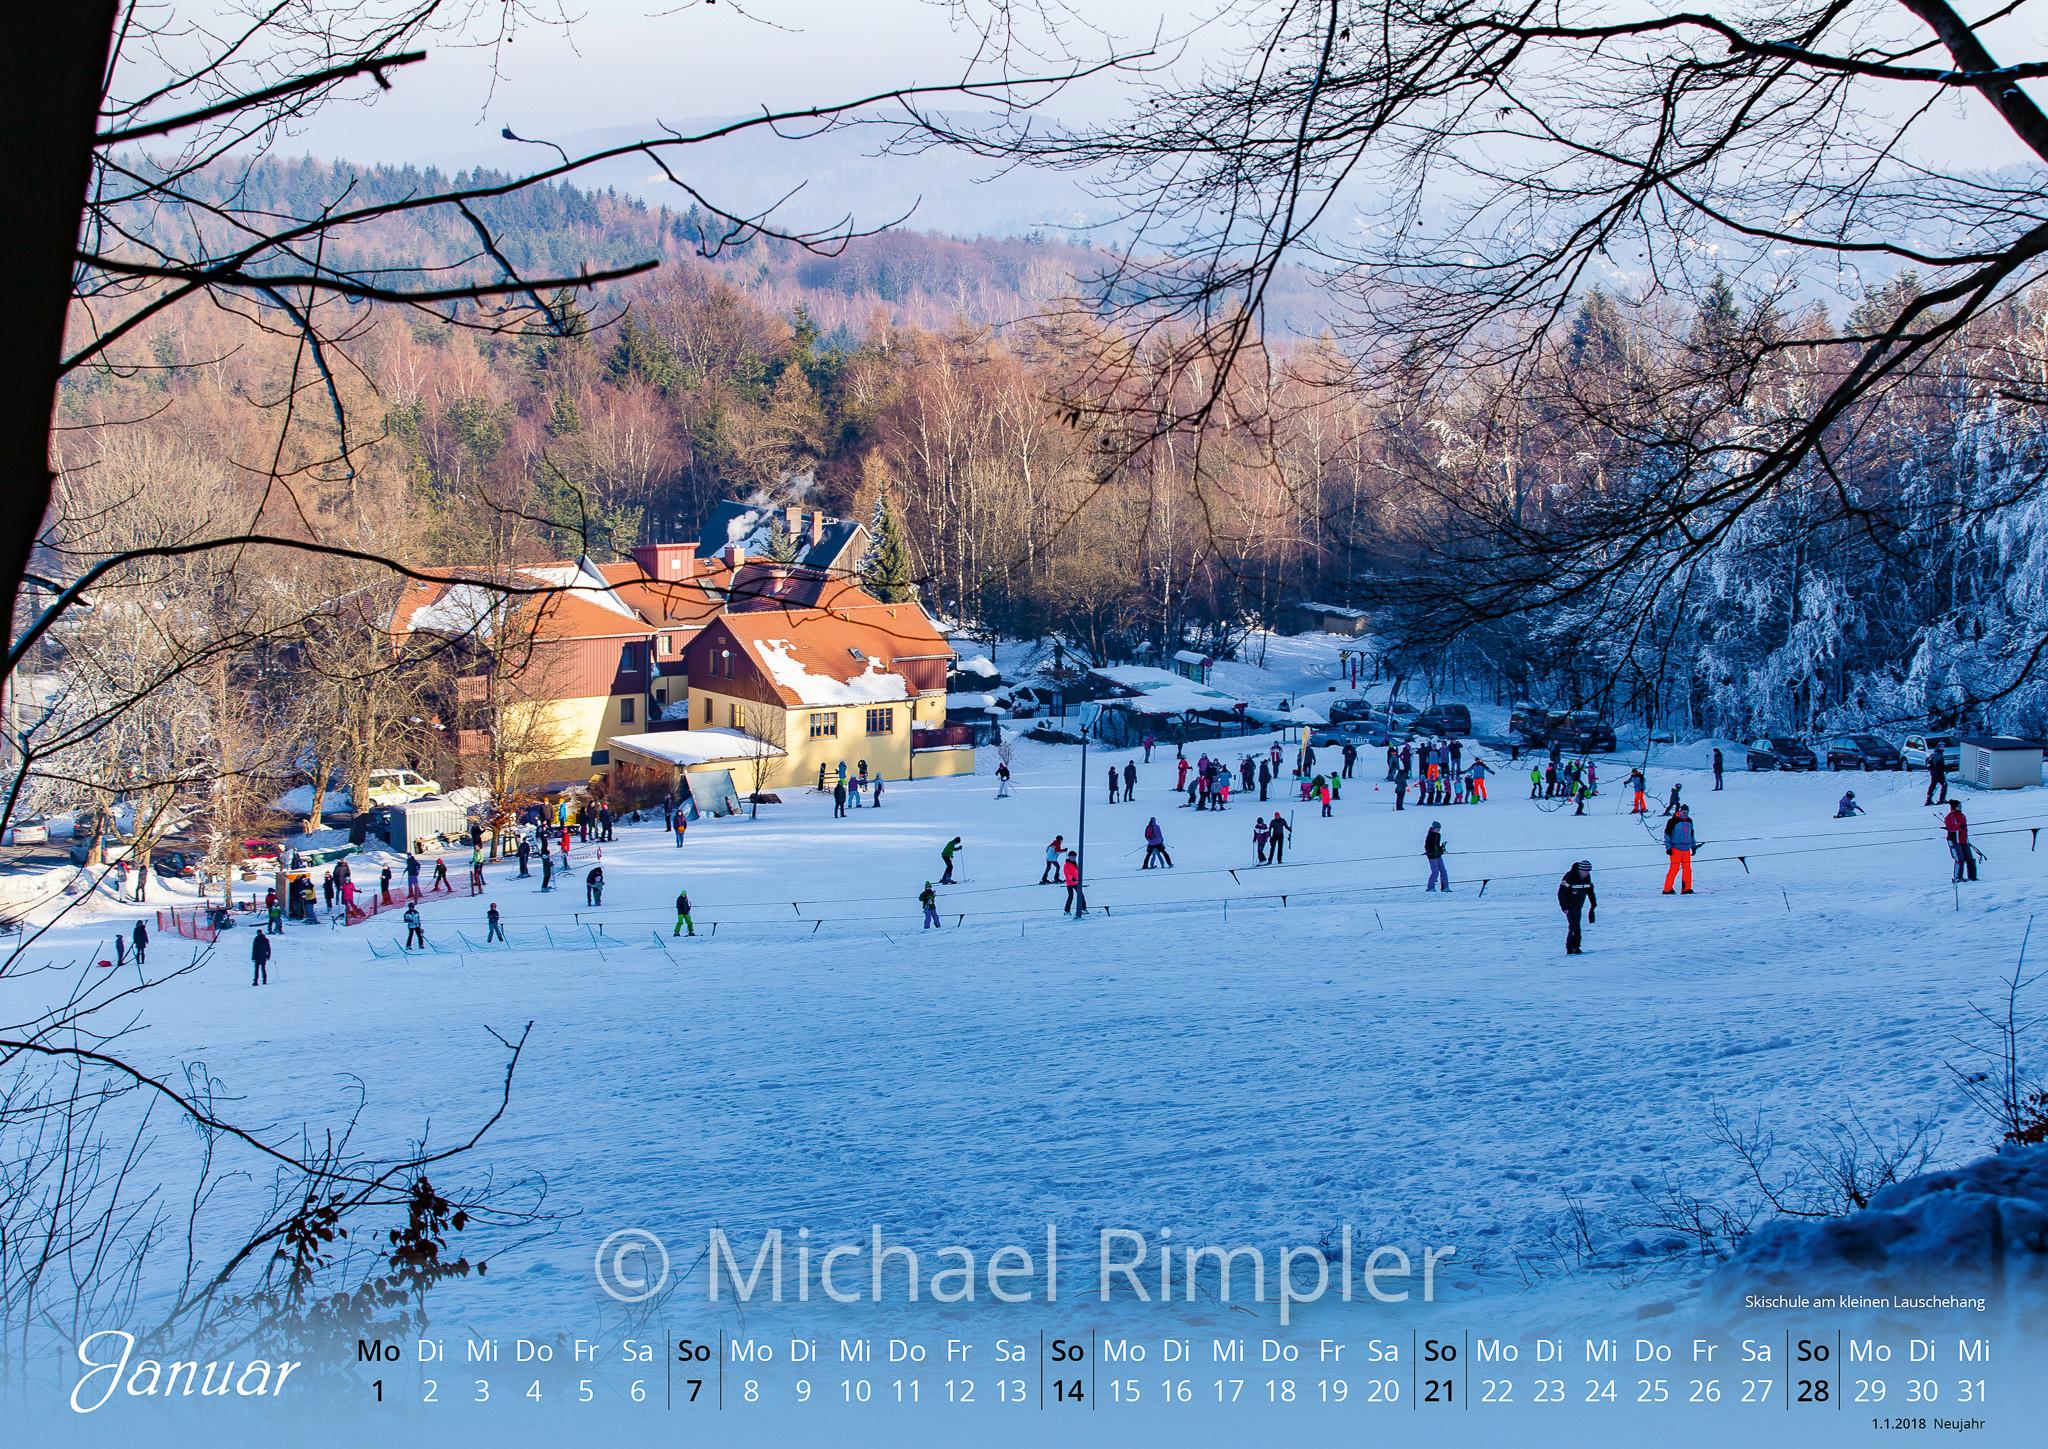 großschönau, textildorf, waltersdorf, hainewalde, kalender, oberlausitz, lausche, skihang, rübezahlbaude, skischule